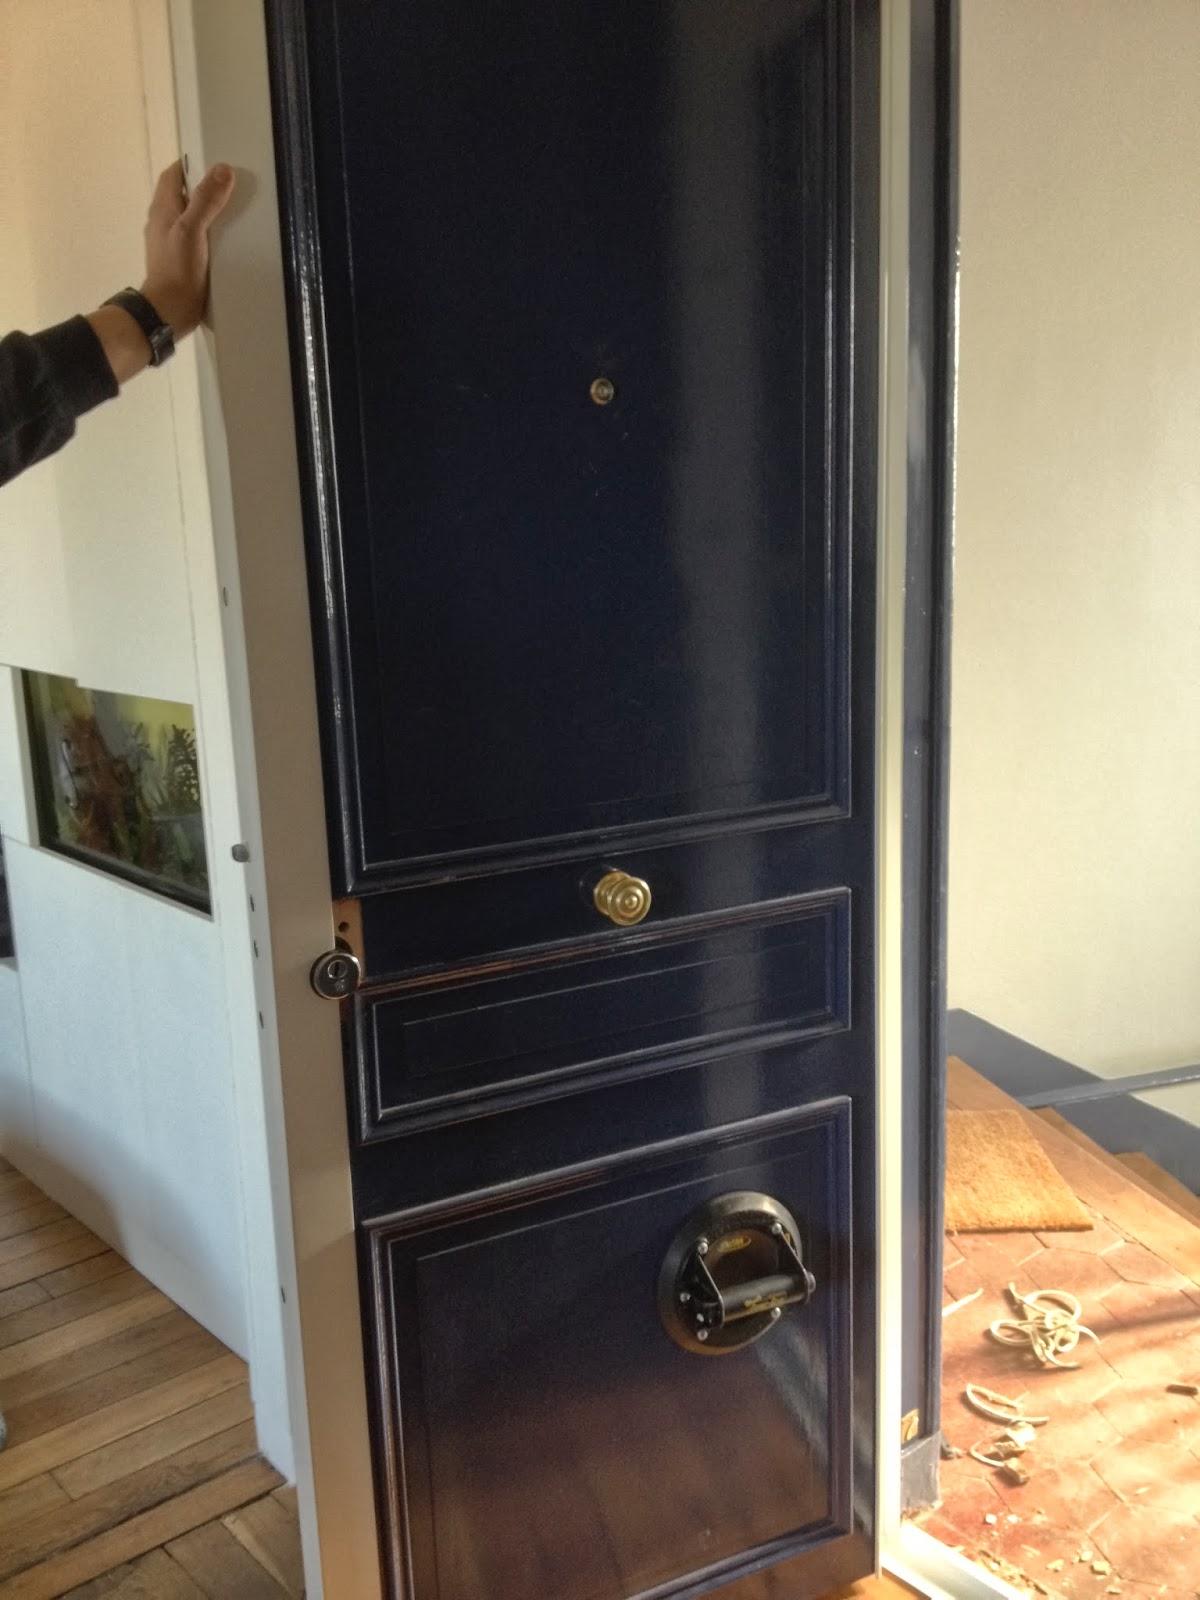 manteau métallique de la porte blindée